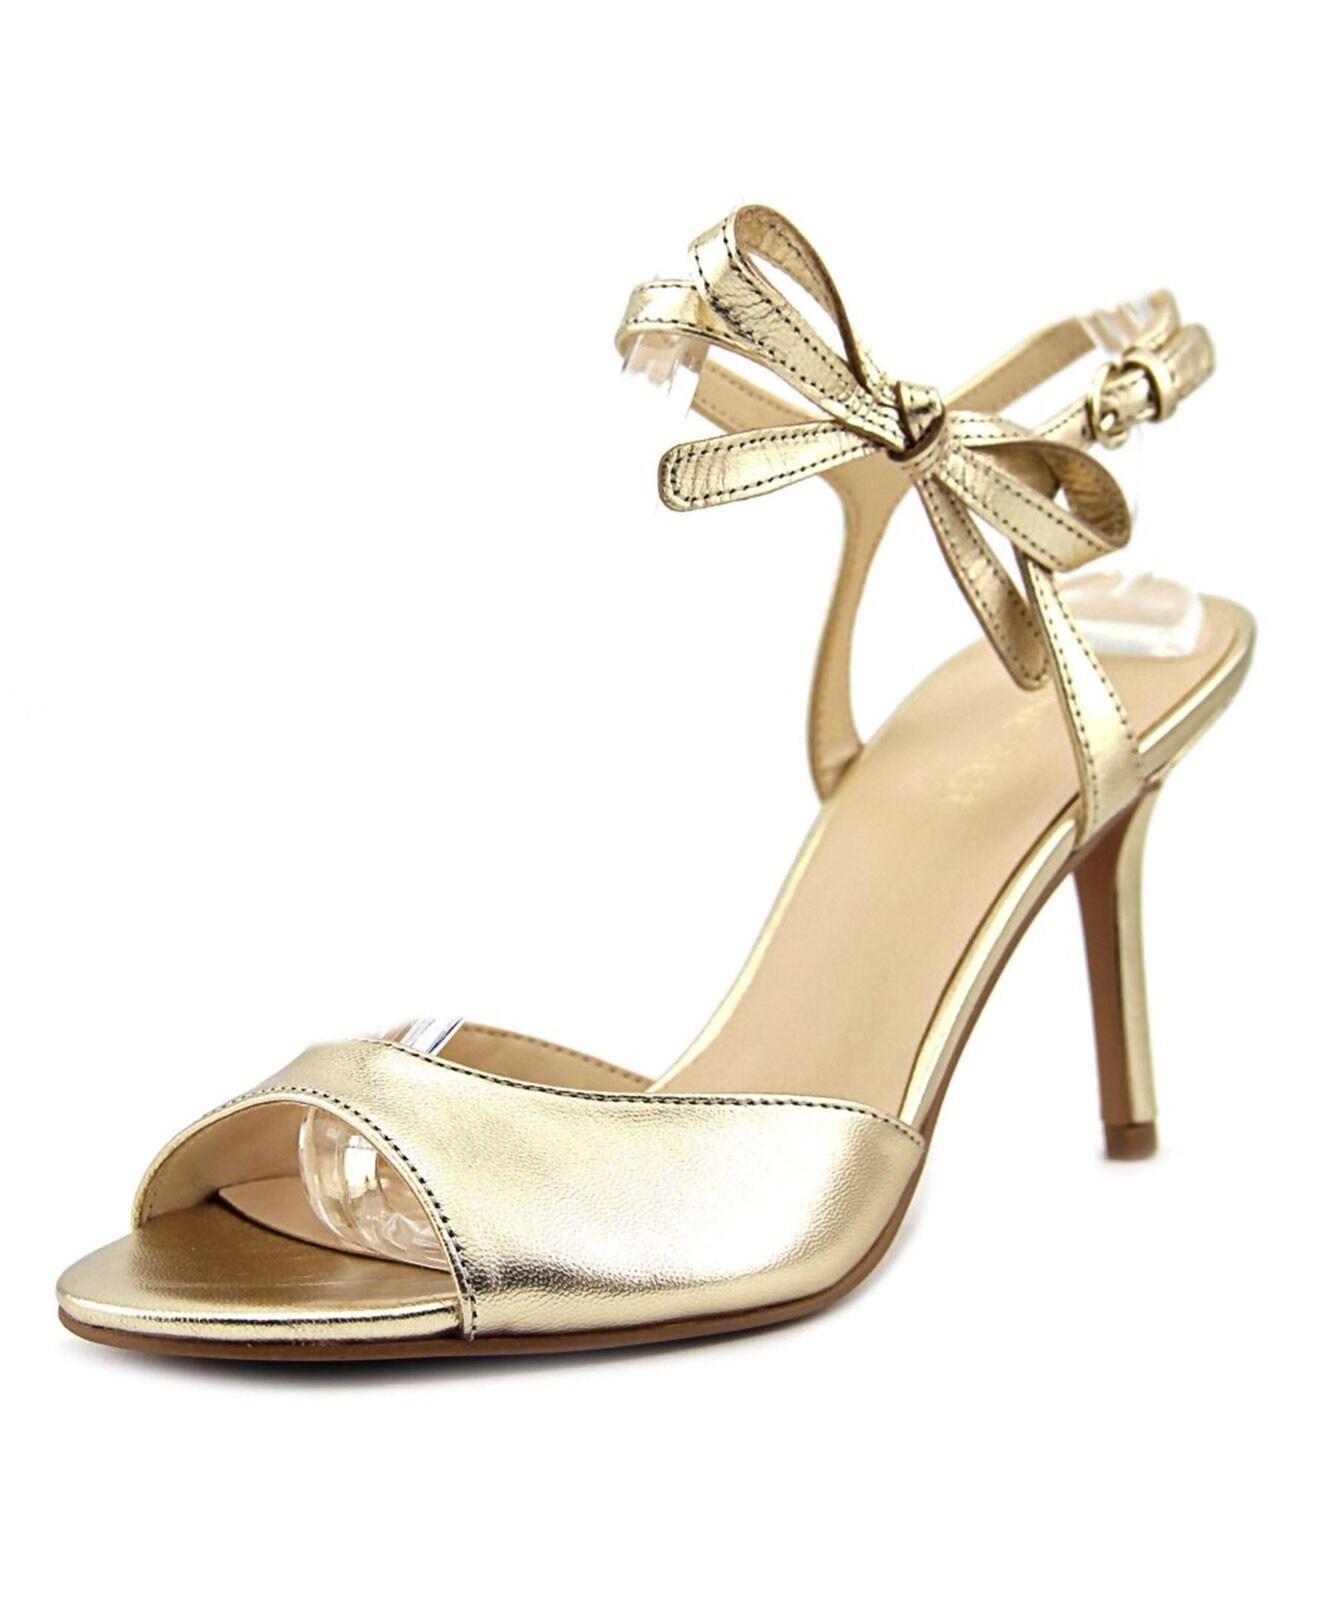 Nine West Gratziay Woman Summer Leder God Heels Sandale Schuhe Pump 39,5 NEU